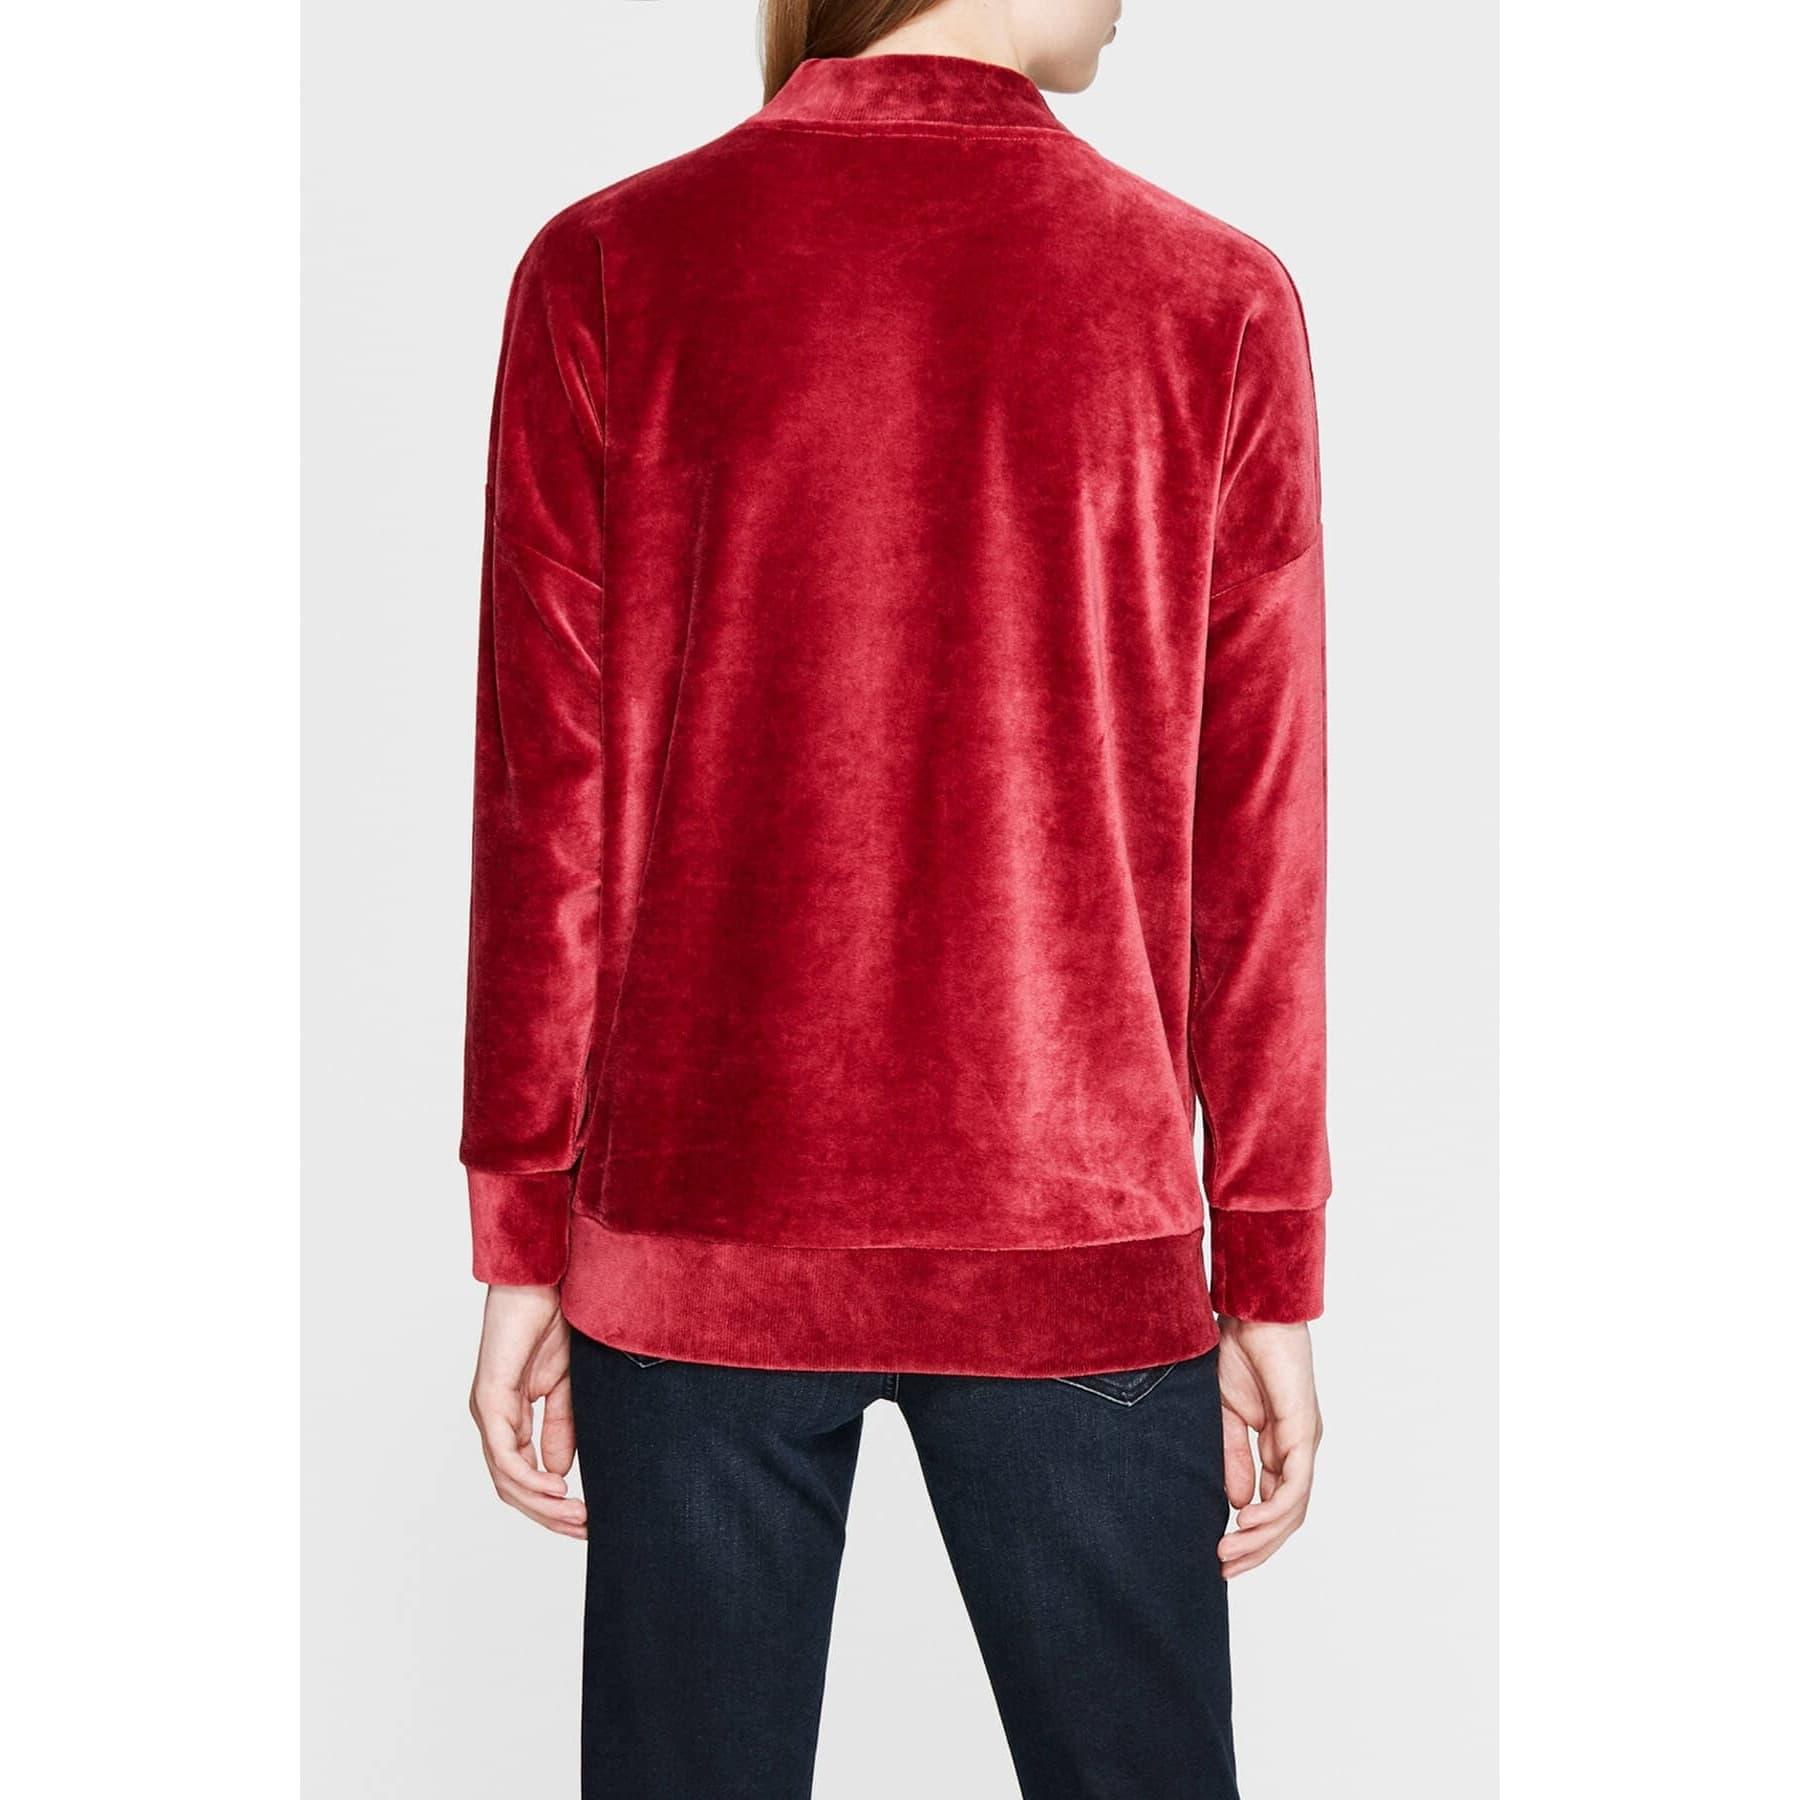 Kadın Kırmızı Kadife Sweatshirt (166490-27126)